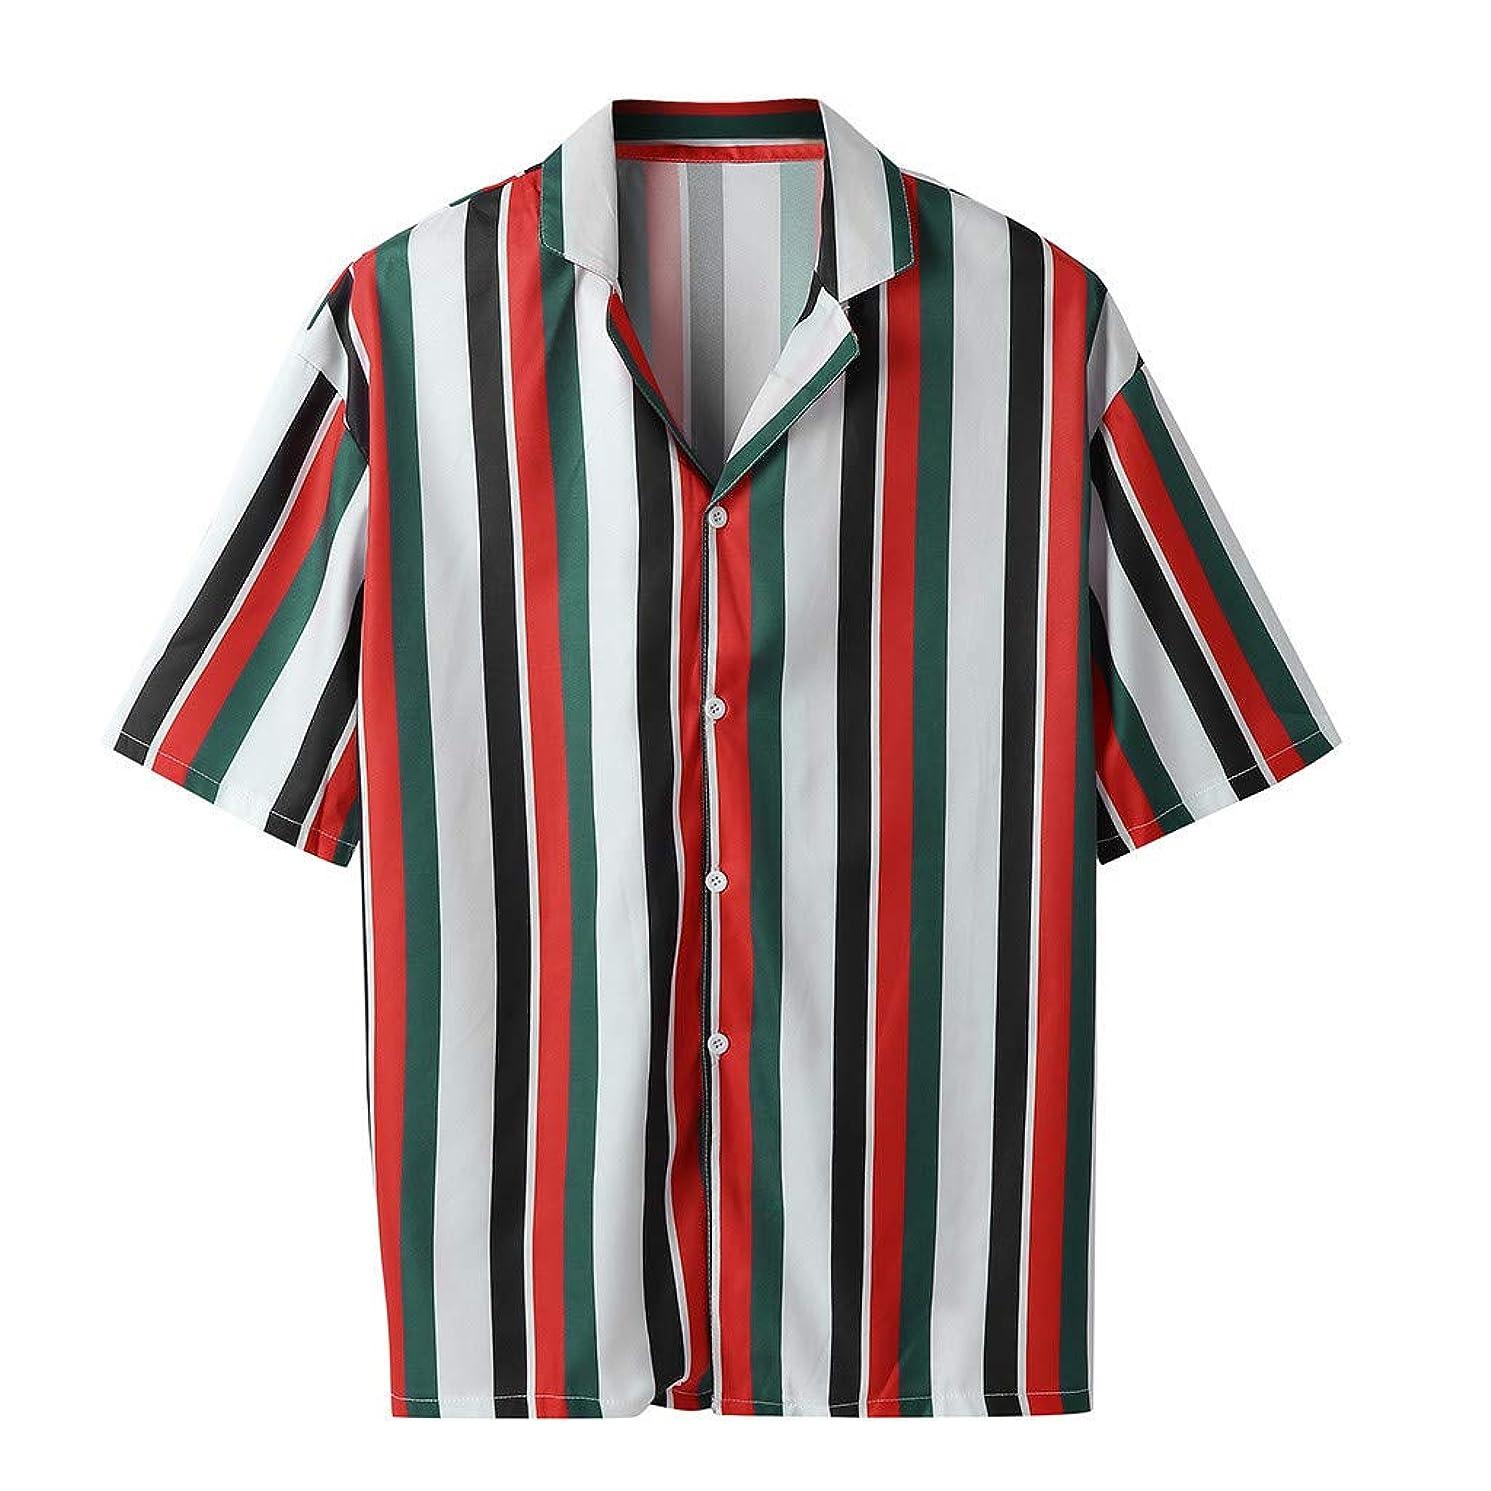 JJLIKER Mens Hipster Stripe Short Sleeve Button Down Shirts Summer Casual Tees Tops Hawaii Beach T-Shirt